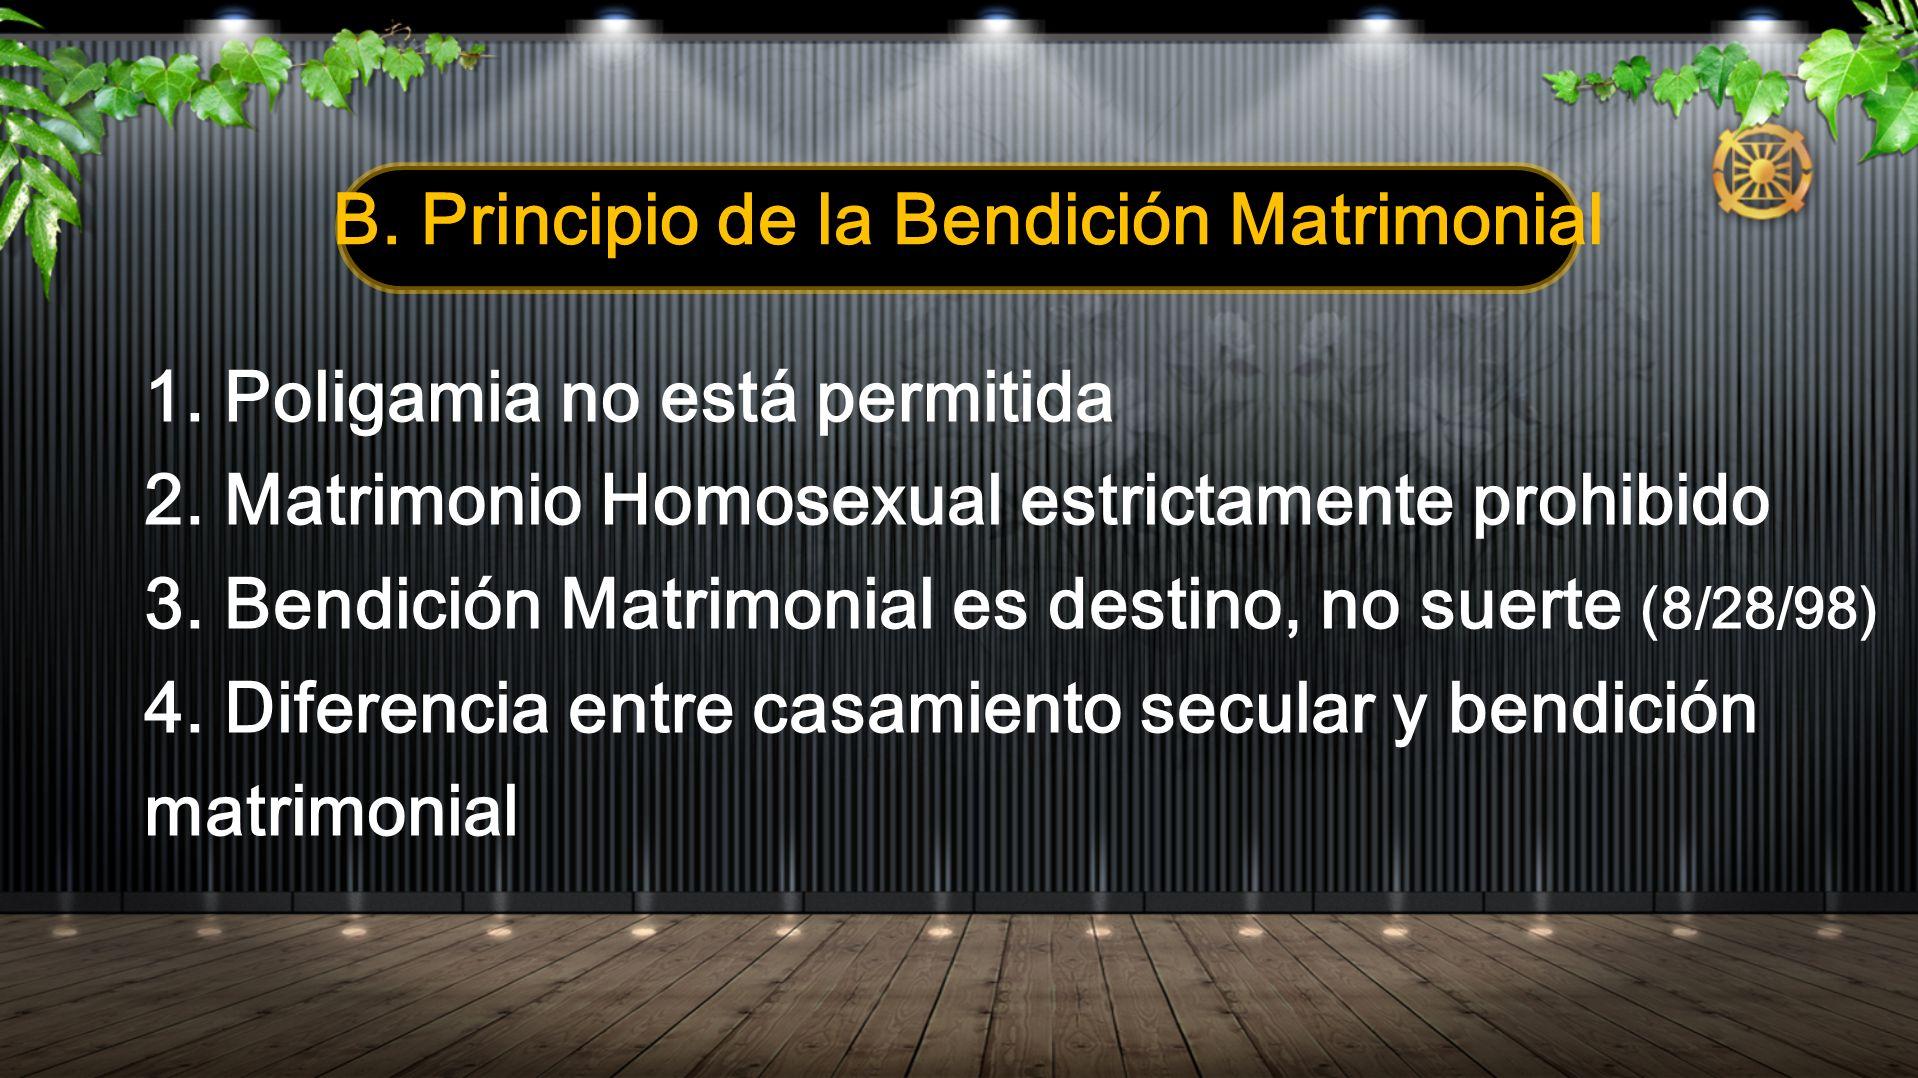 B. Principio de la Bendición Matrimonial